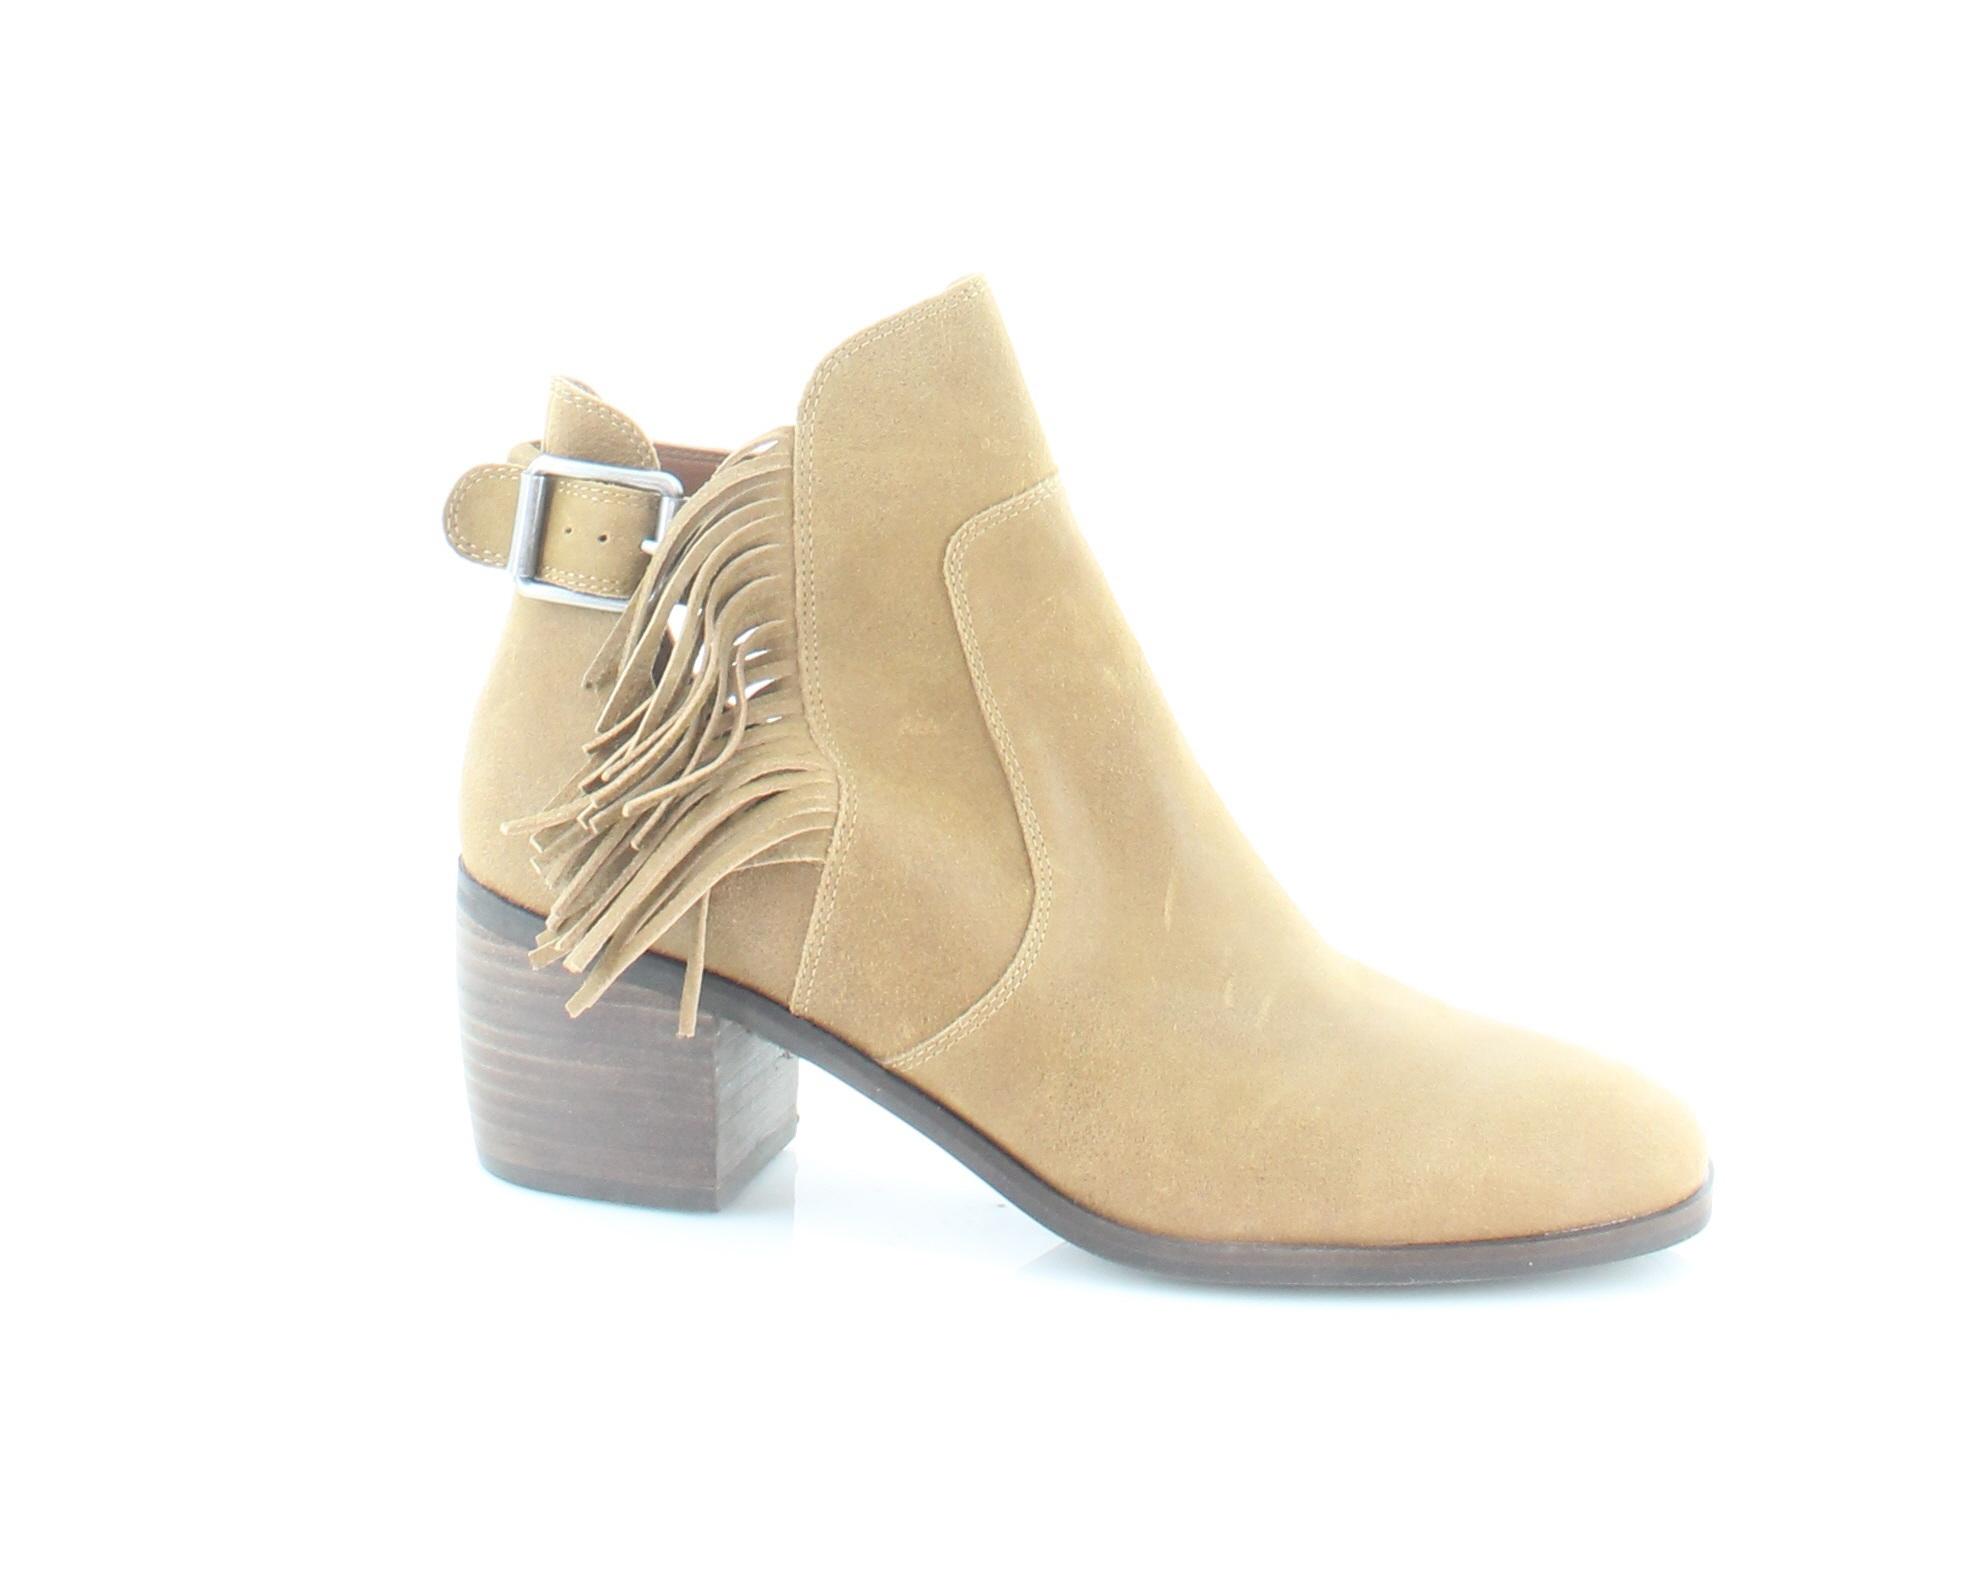 Lucky Brand Makenna bspringaaa bspringaaa bspringaaa kvinnor skor Storlek 9 M stövlar MSRP  139  erbjudanden försäljning